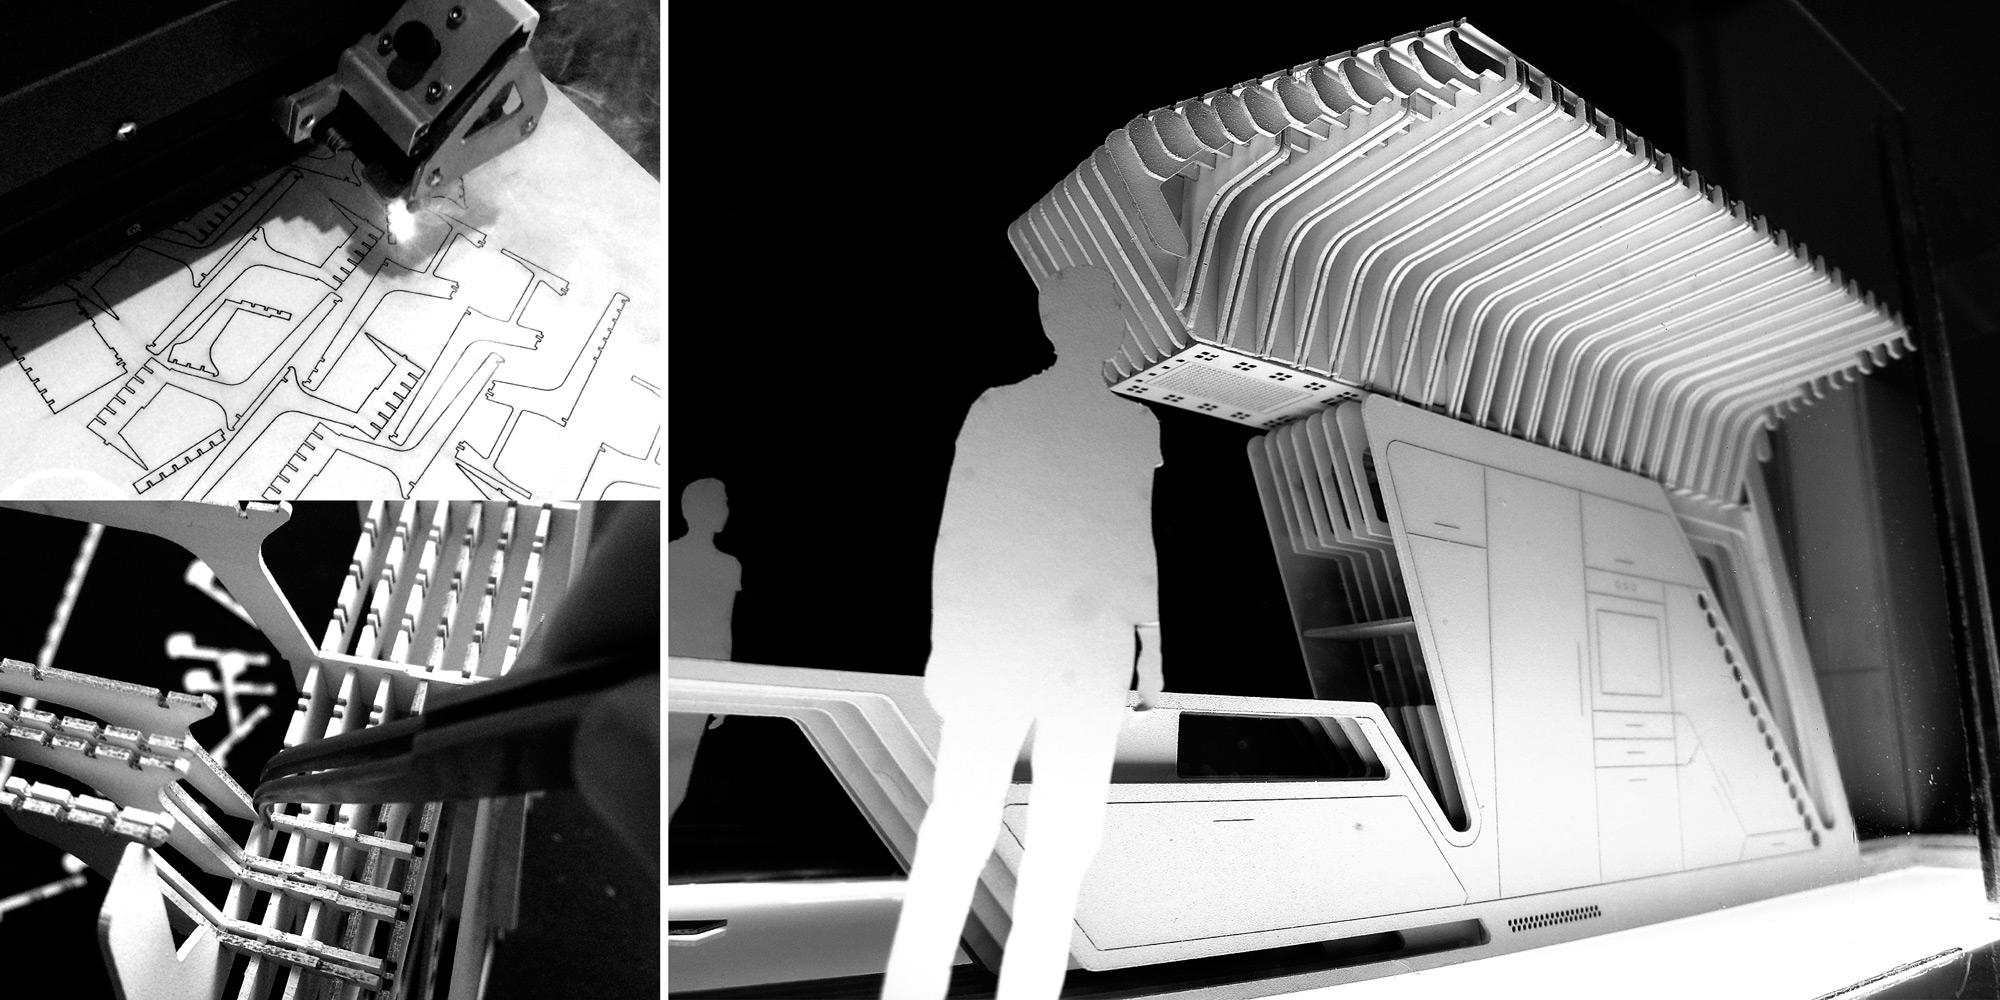 Prototipo di studio di tutto l'intervento in scala 1:20 fabbricato digitalmente con taglio laser. }